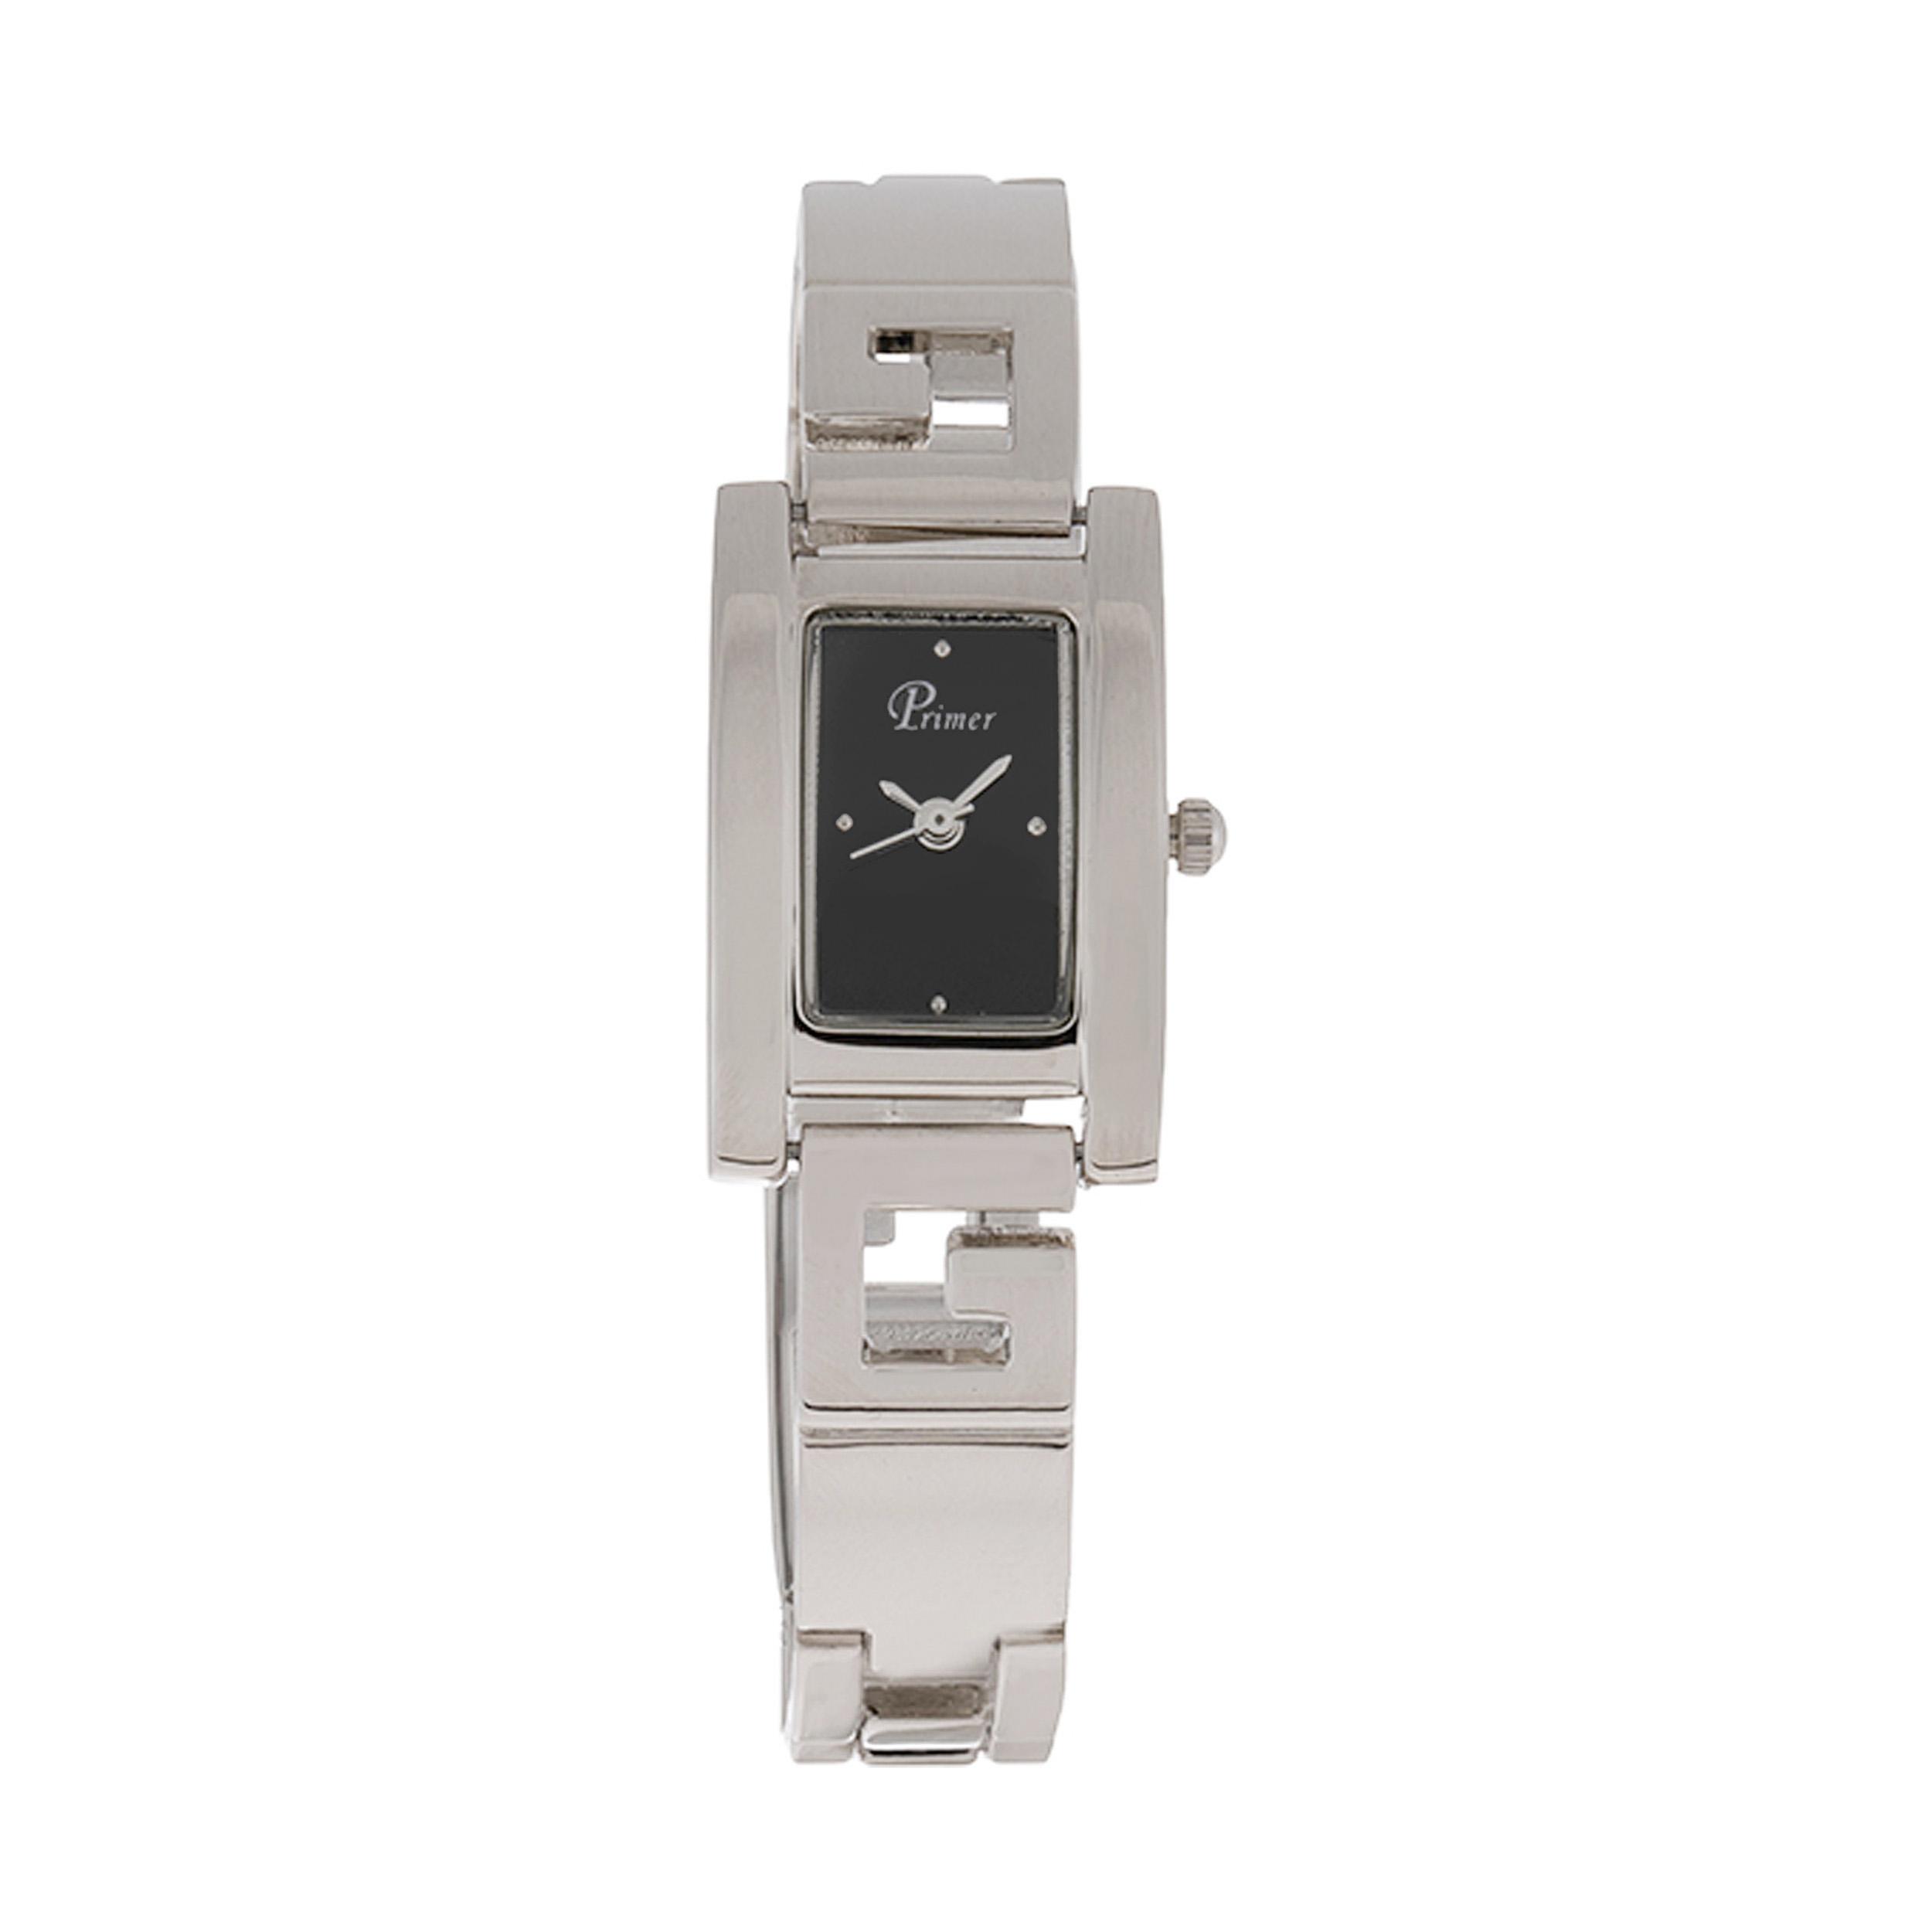 ساعت مچی عقربه ای زنانه پرایمر مدل No 6022a 44